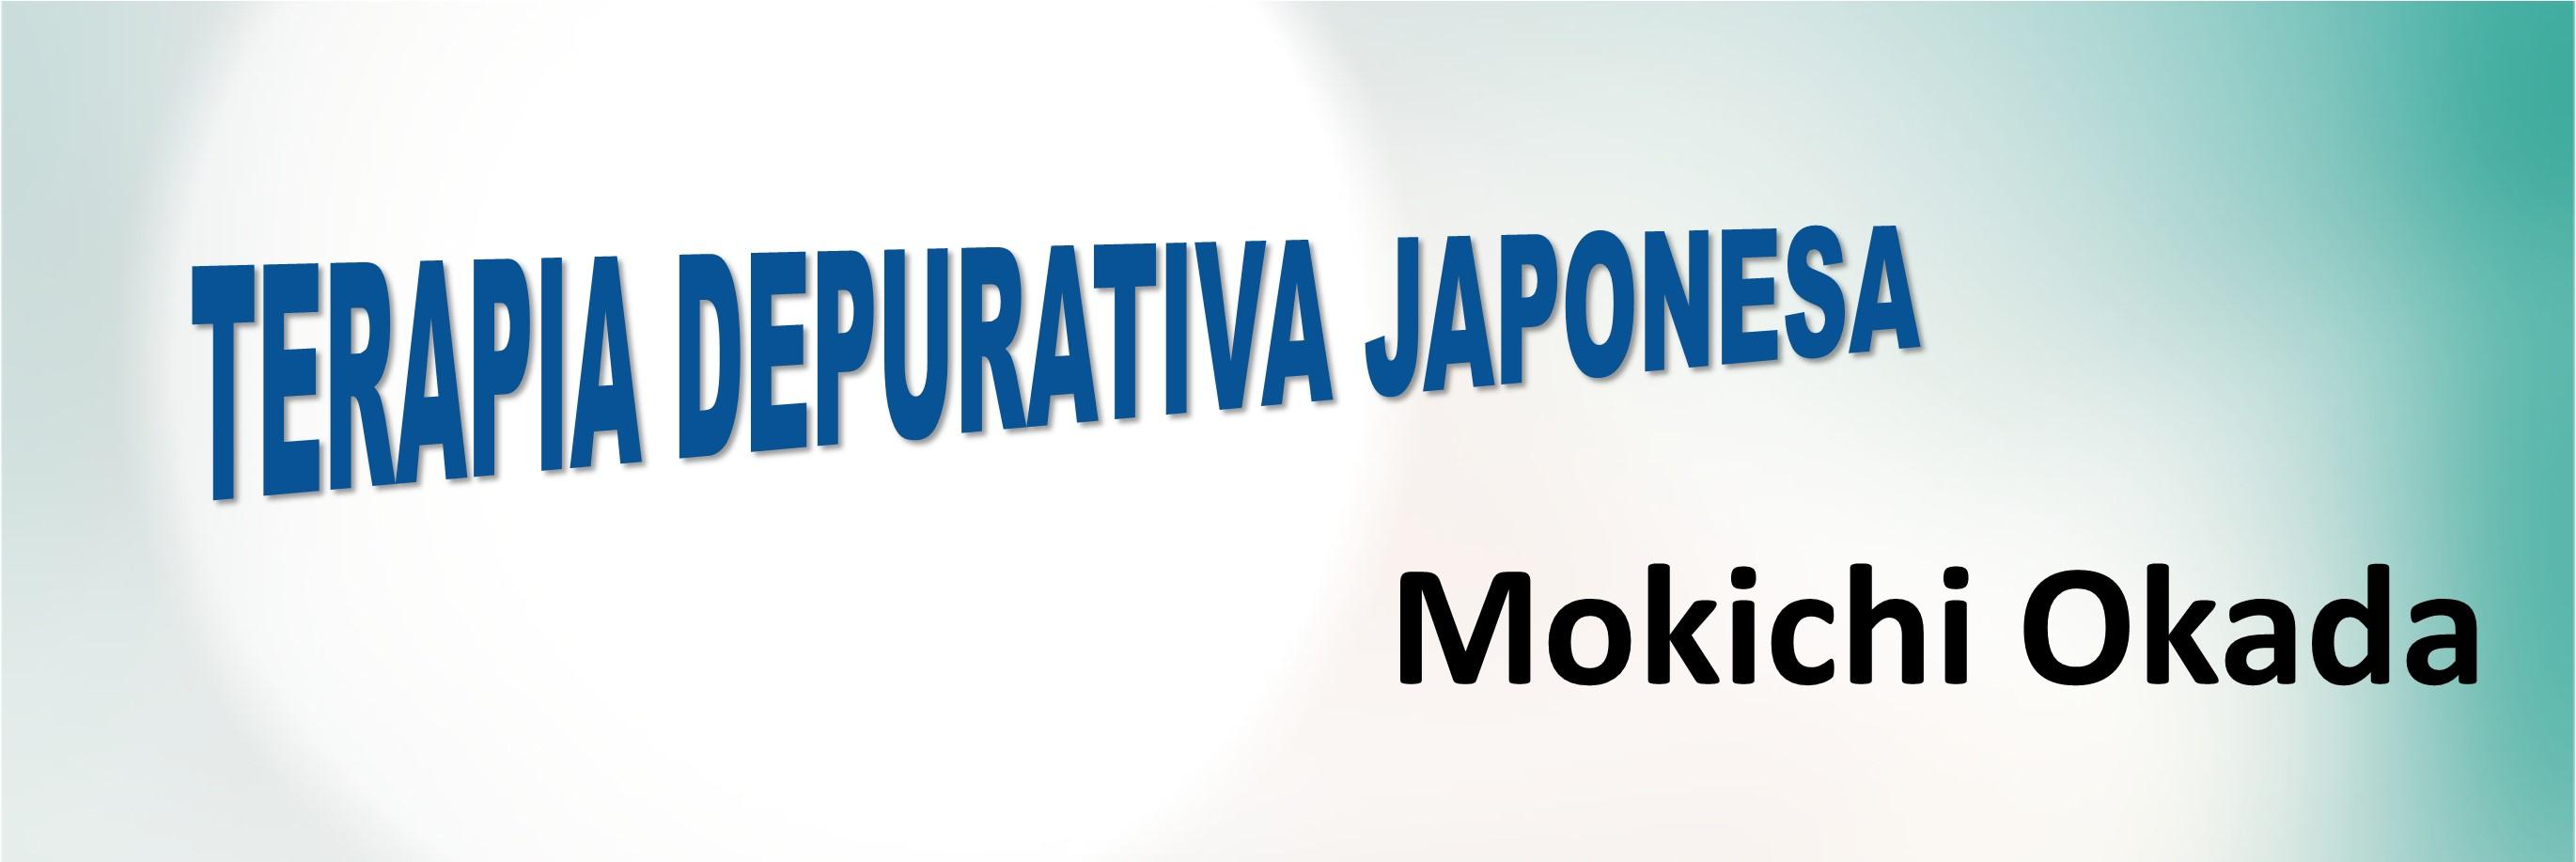 DIA ABERTO: TERAPIA DEPURATIVA JAPONESA